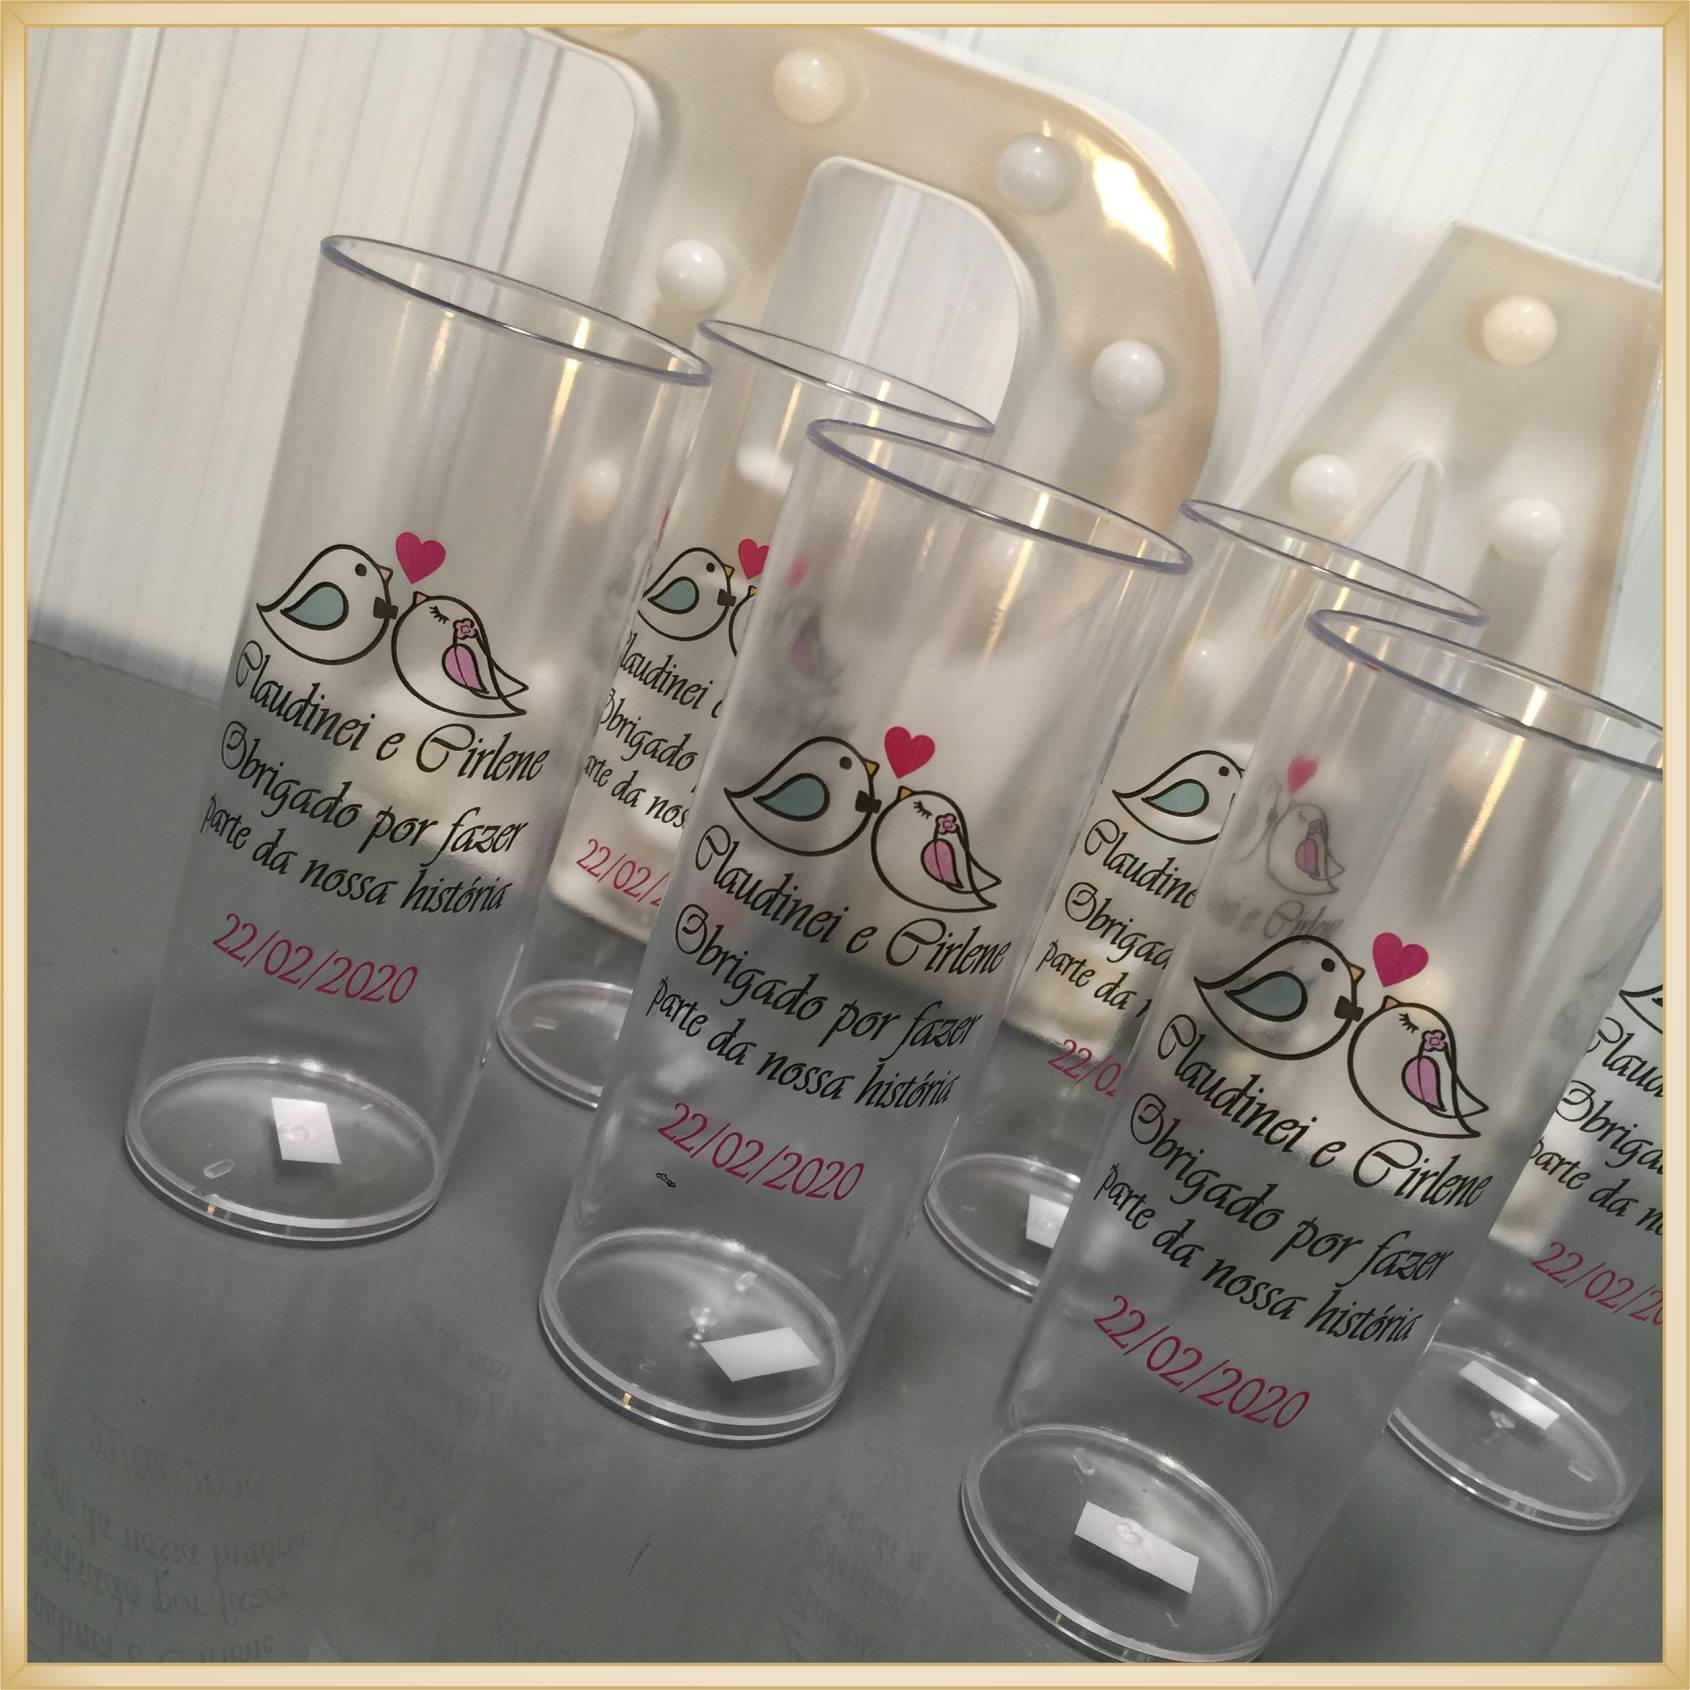 Copo long Drink Personalizado para casamento - estampas de qualidade, brilhante, ótimo acabamento, parede de 2,5 mm, resistente, 325 ml.